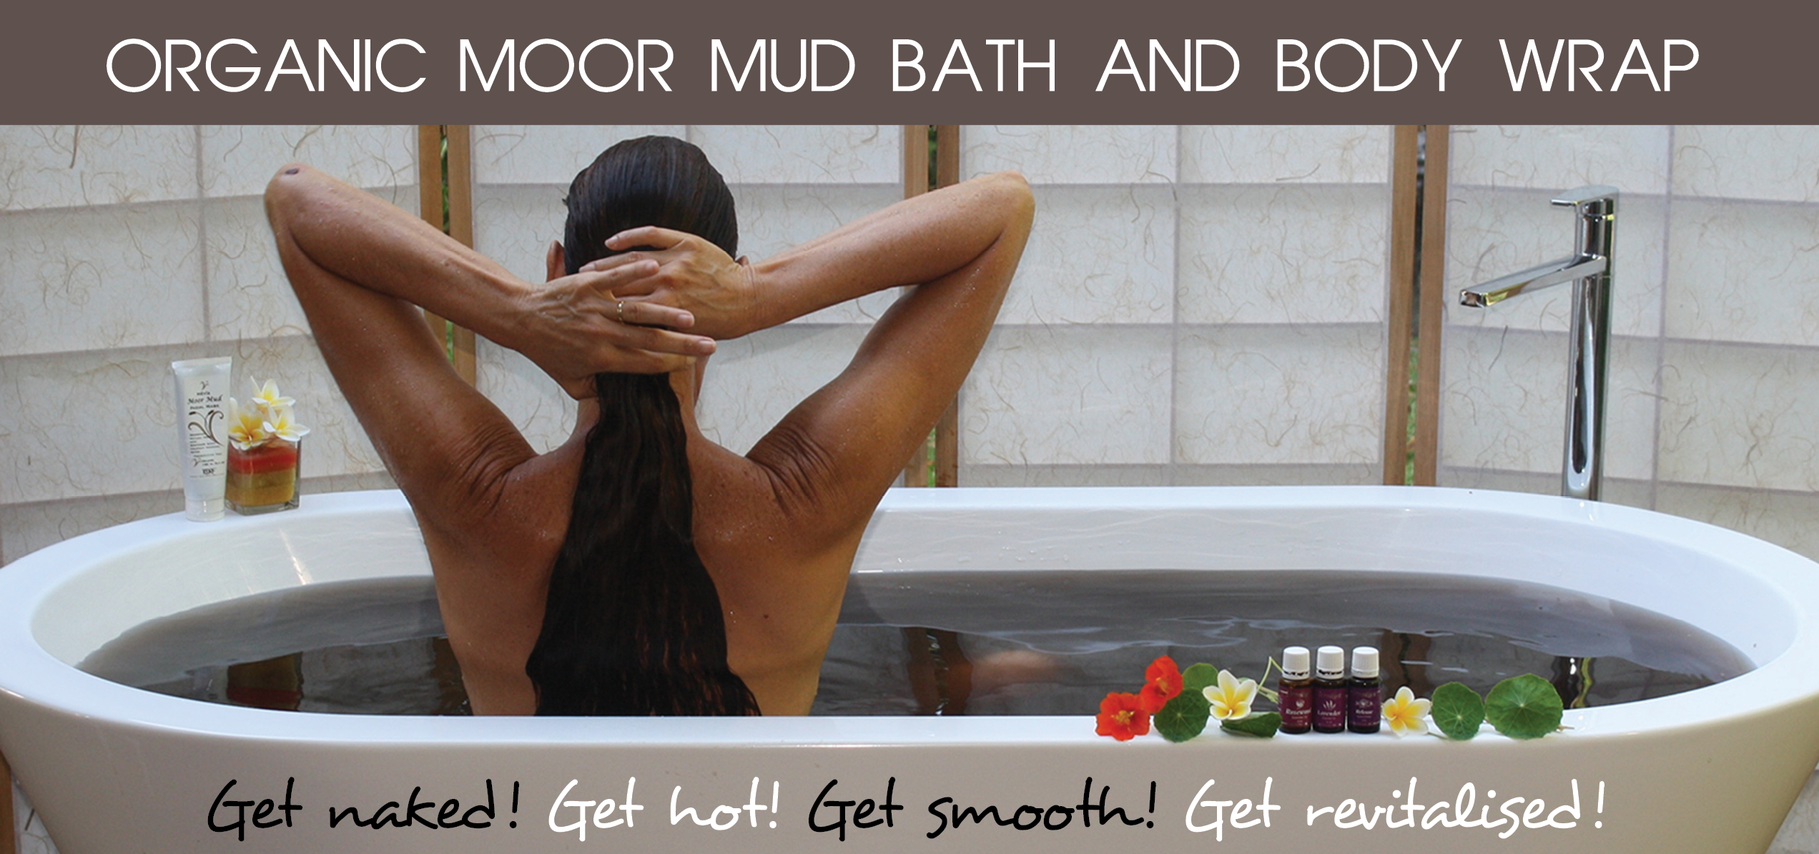 BUY RYL Moor Mud Bath & Body Wrap